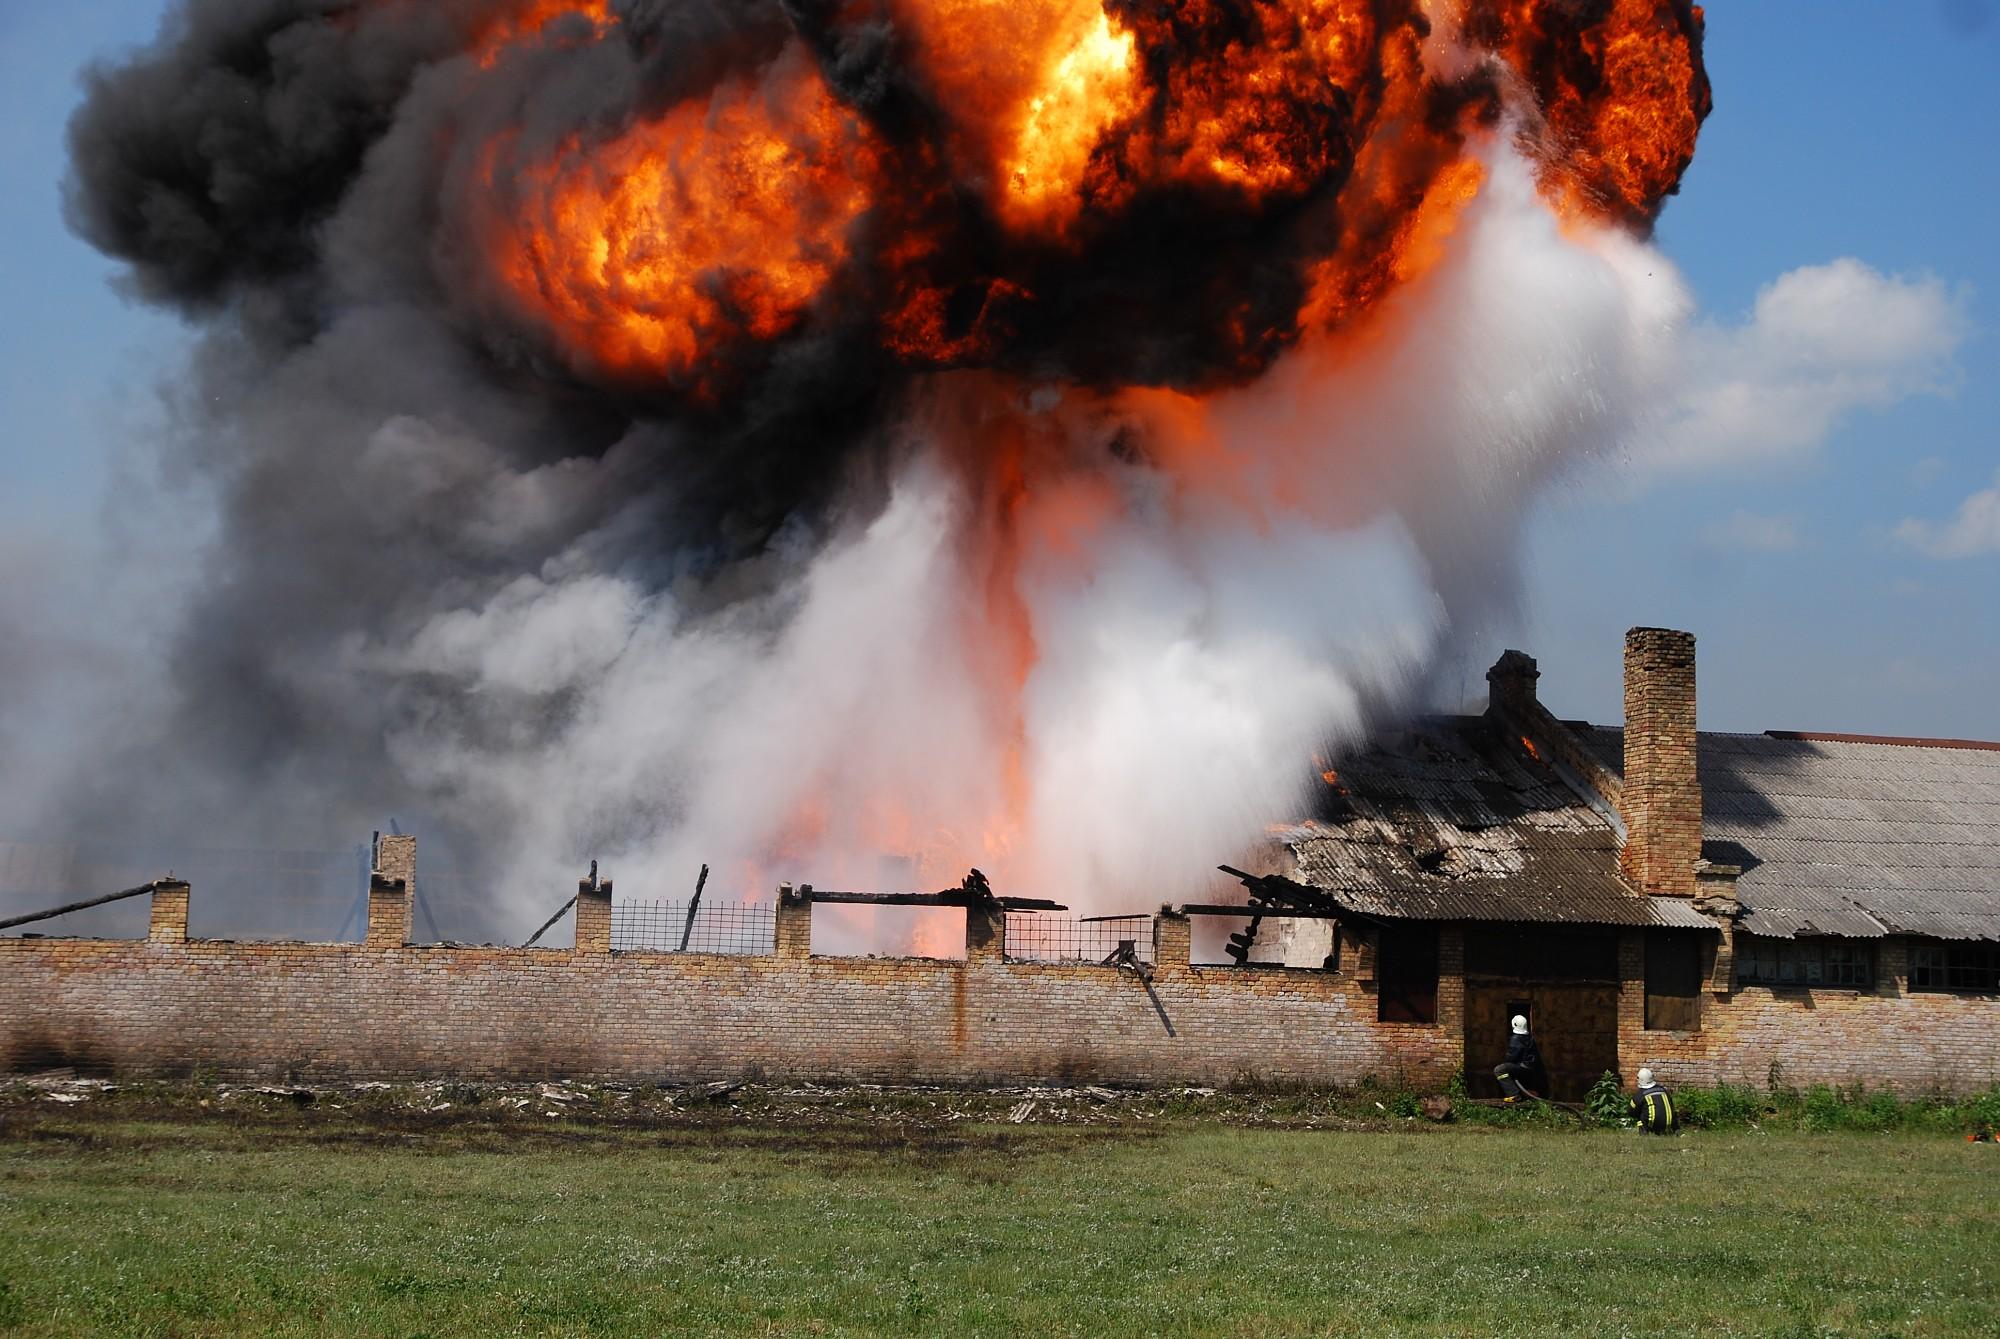 Papildināts – Ģenerāļa Baloža ielā uguns noposta kravas auto remontdarbnīcu, cieš darbinieki un glābēji